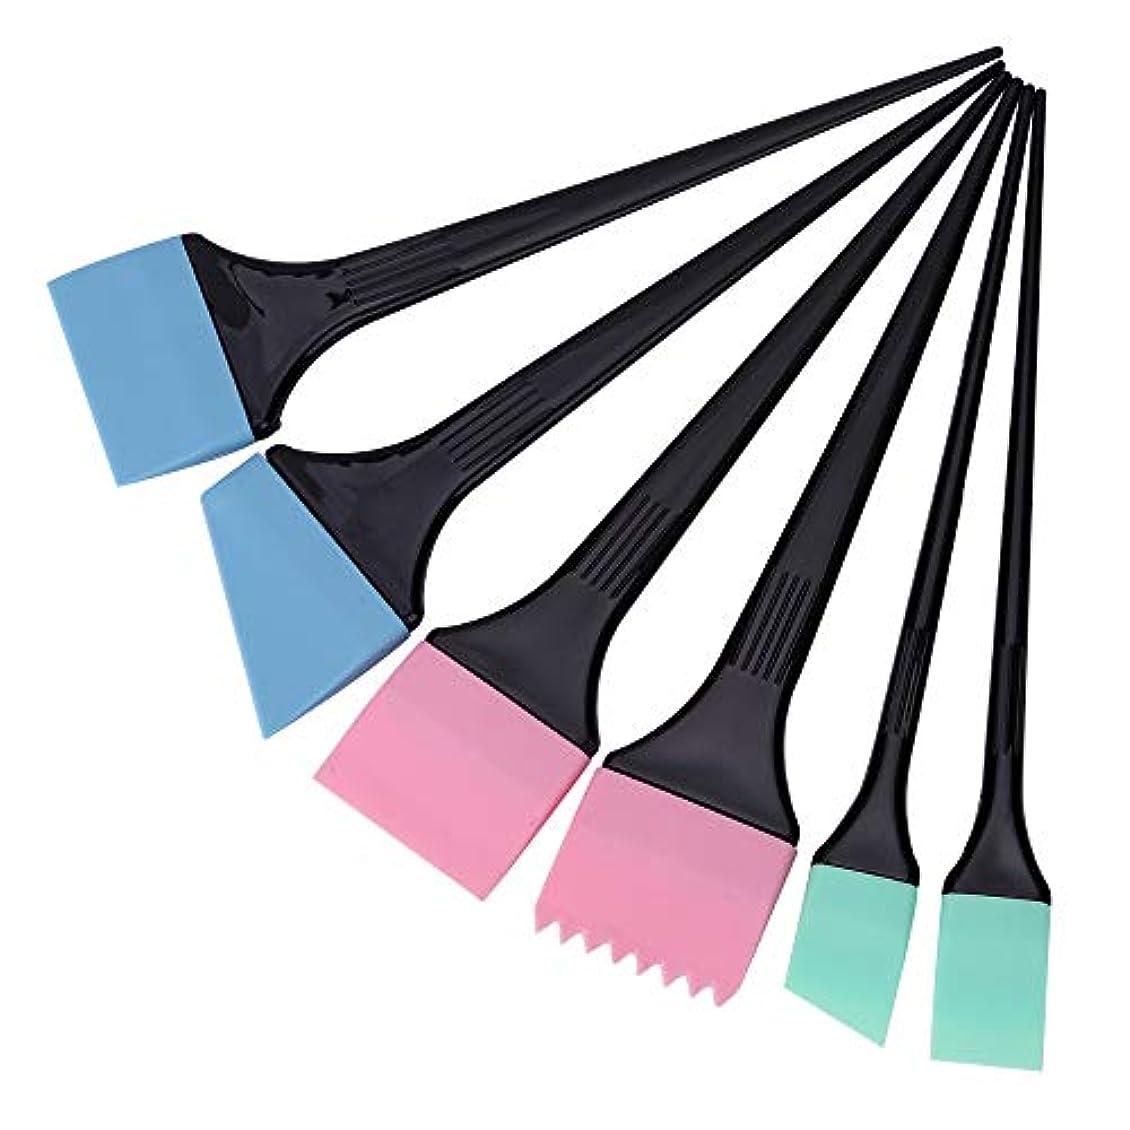 認知レンディション一杯ヘアダイコーム&ブラシ 毛染めブラシ 6本/セット 着色櫛キット プロサロン 理髪スタイリングツール へアカラーセット グリーン